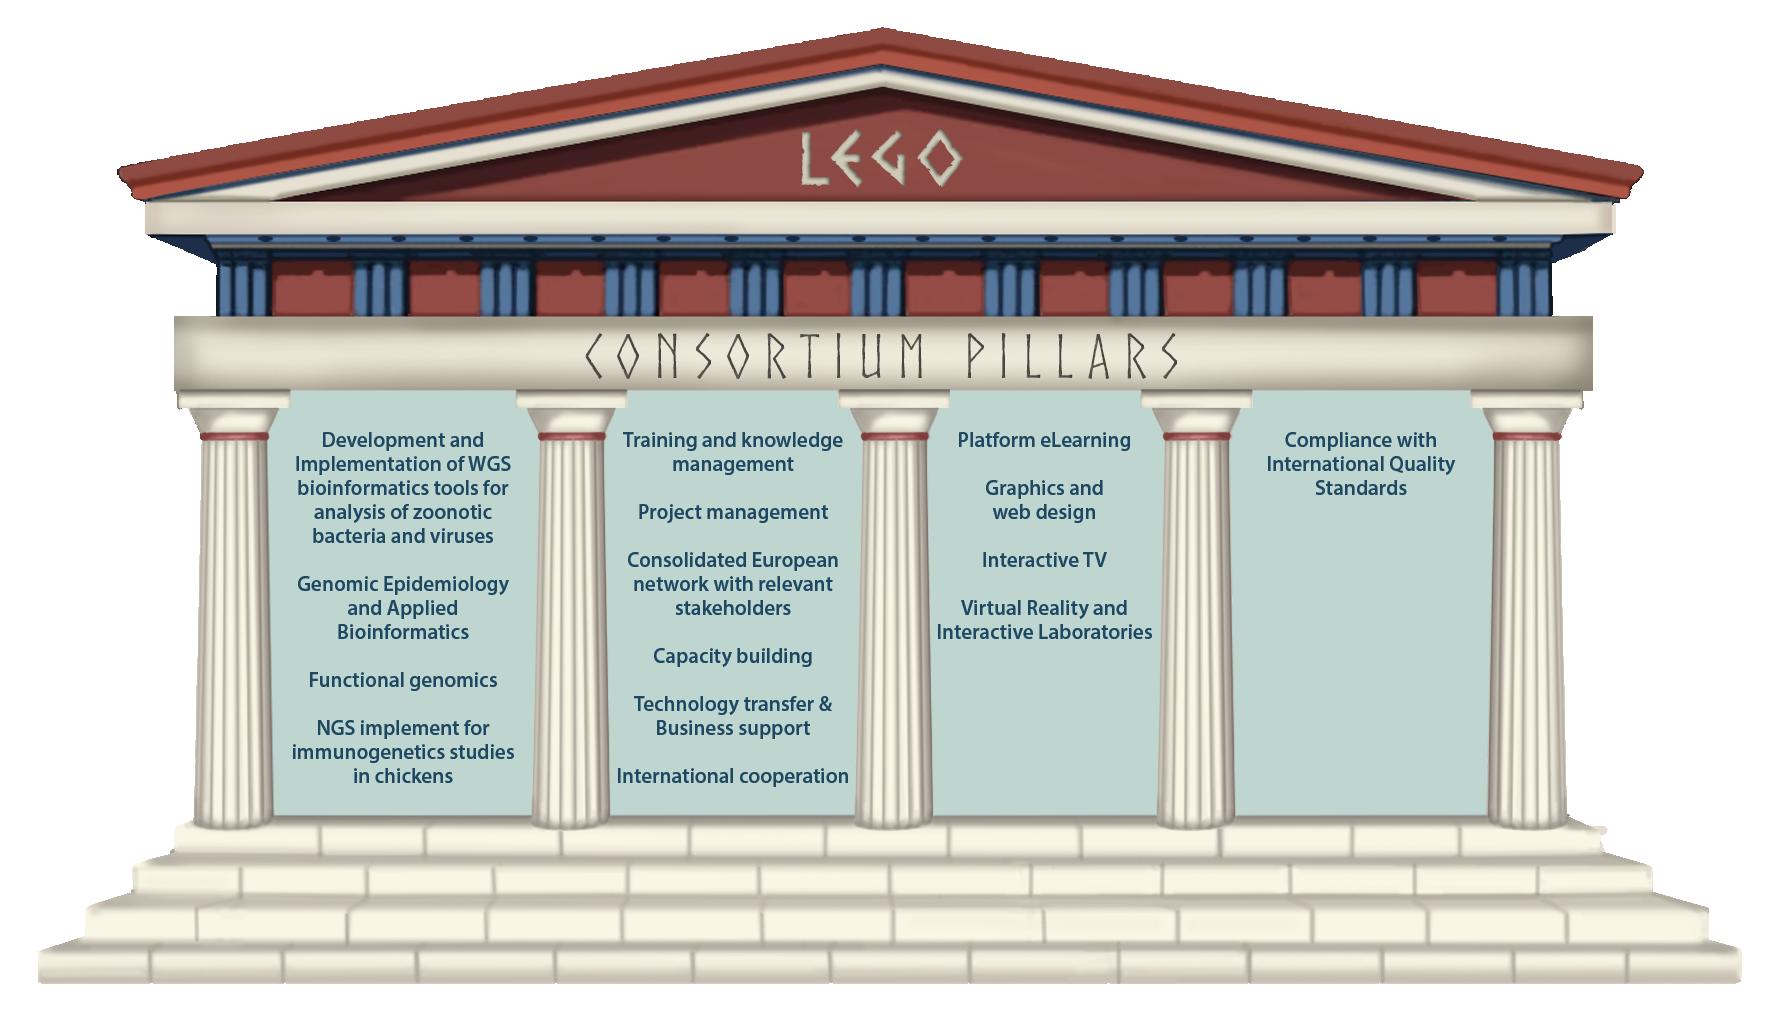 Consortium Pillars